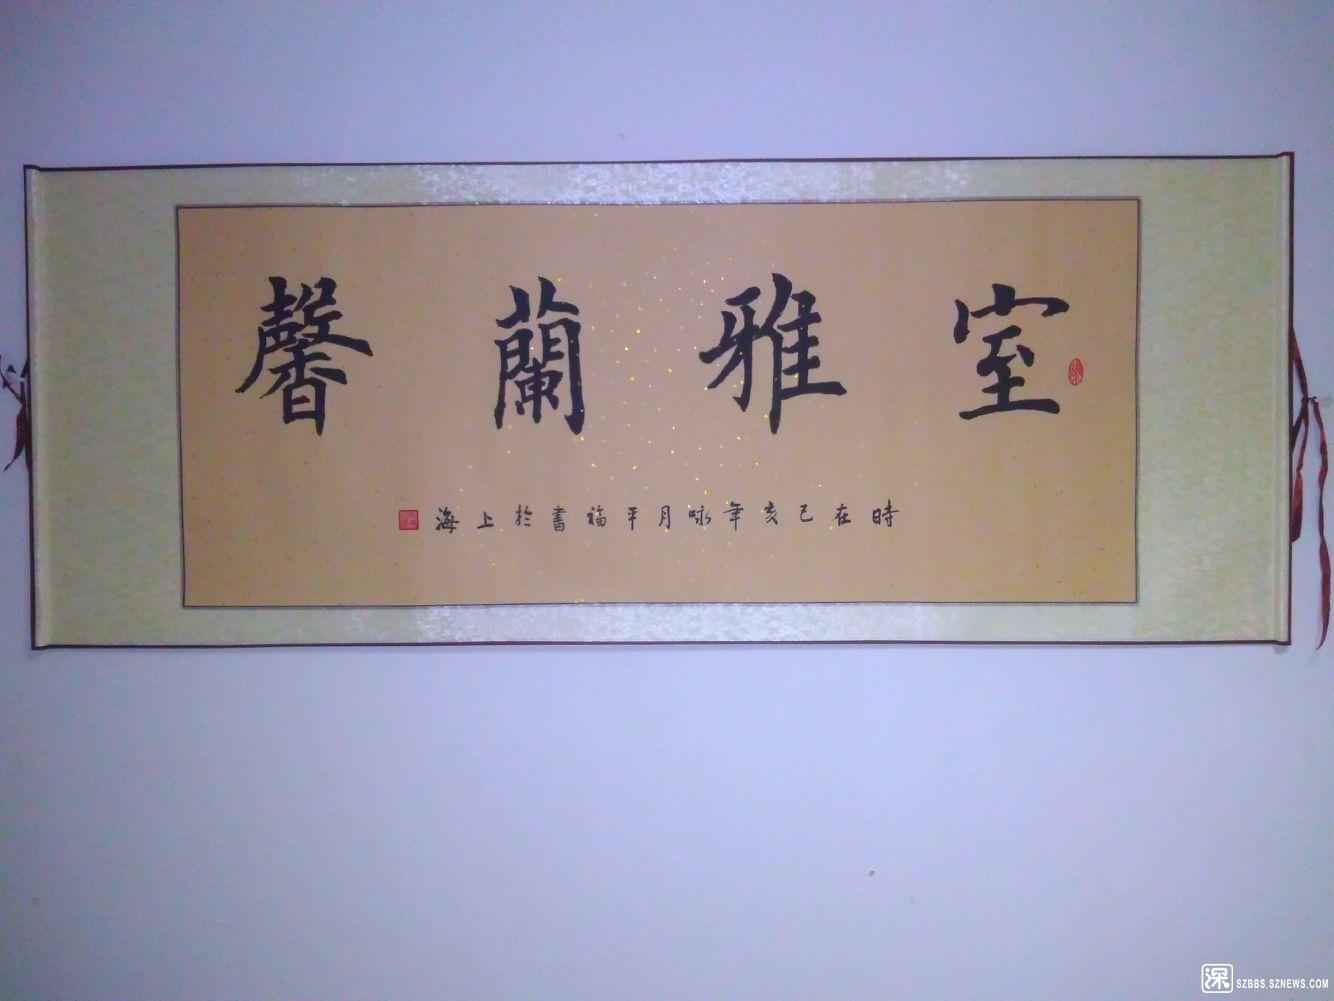 马平福 国际知名书画家 收藏级艺术品2132.jpg